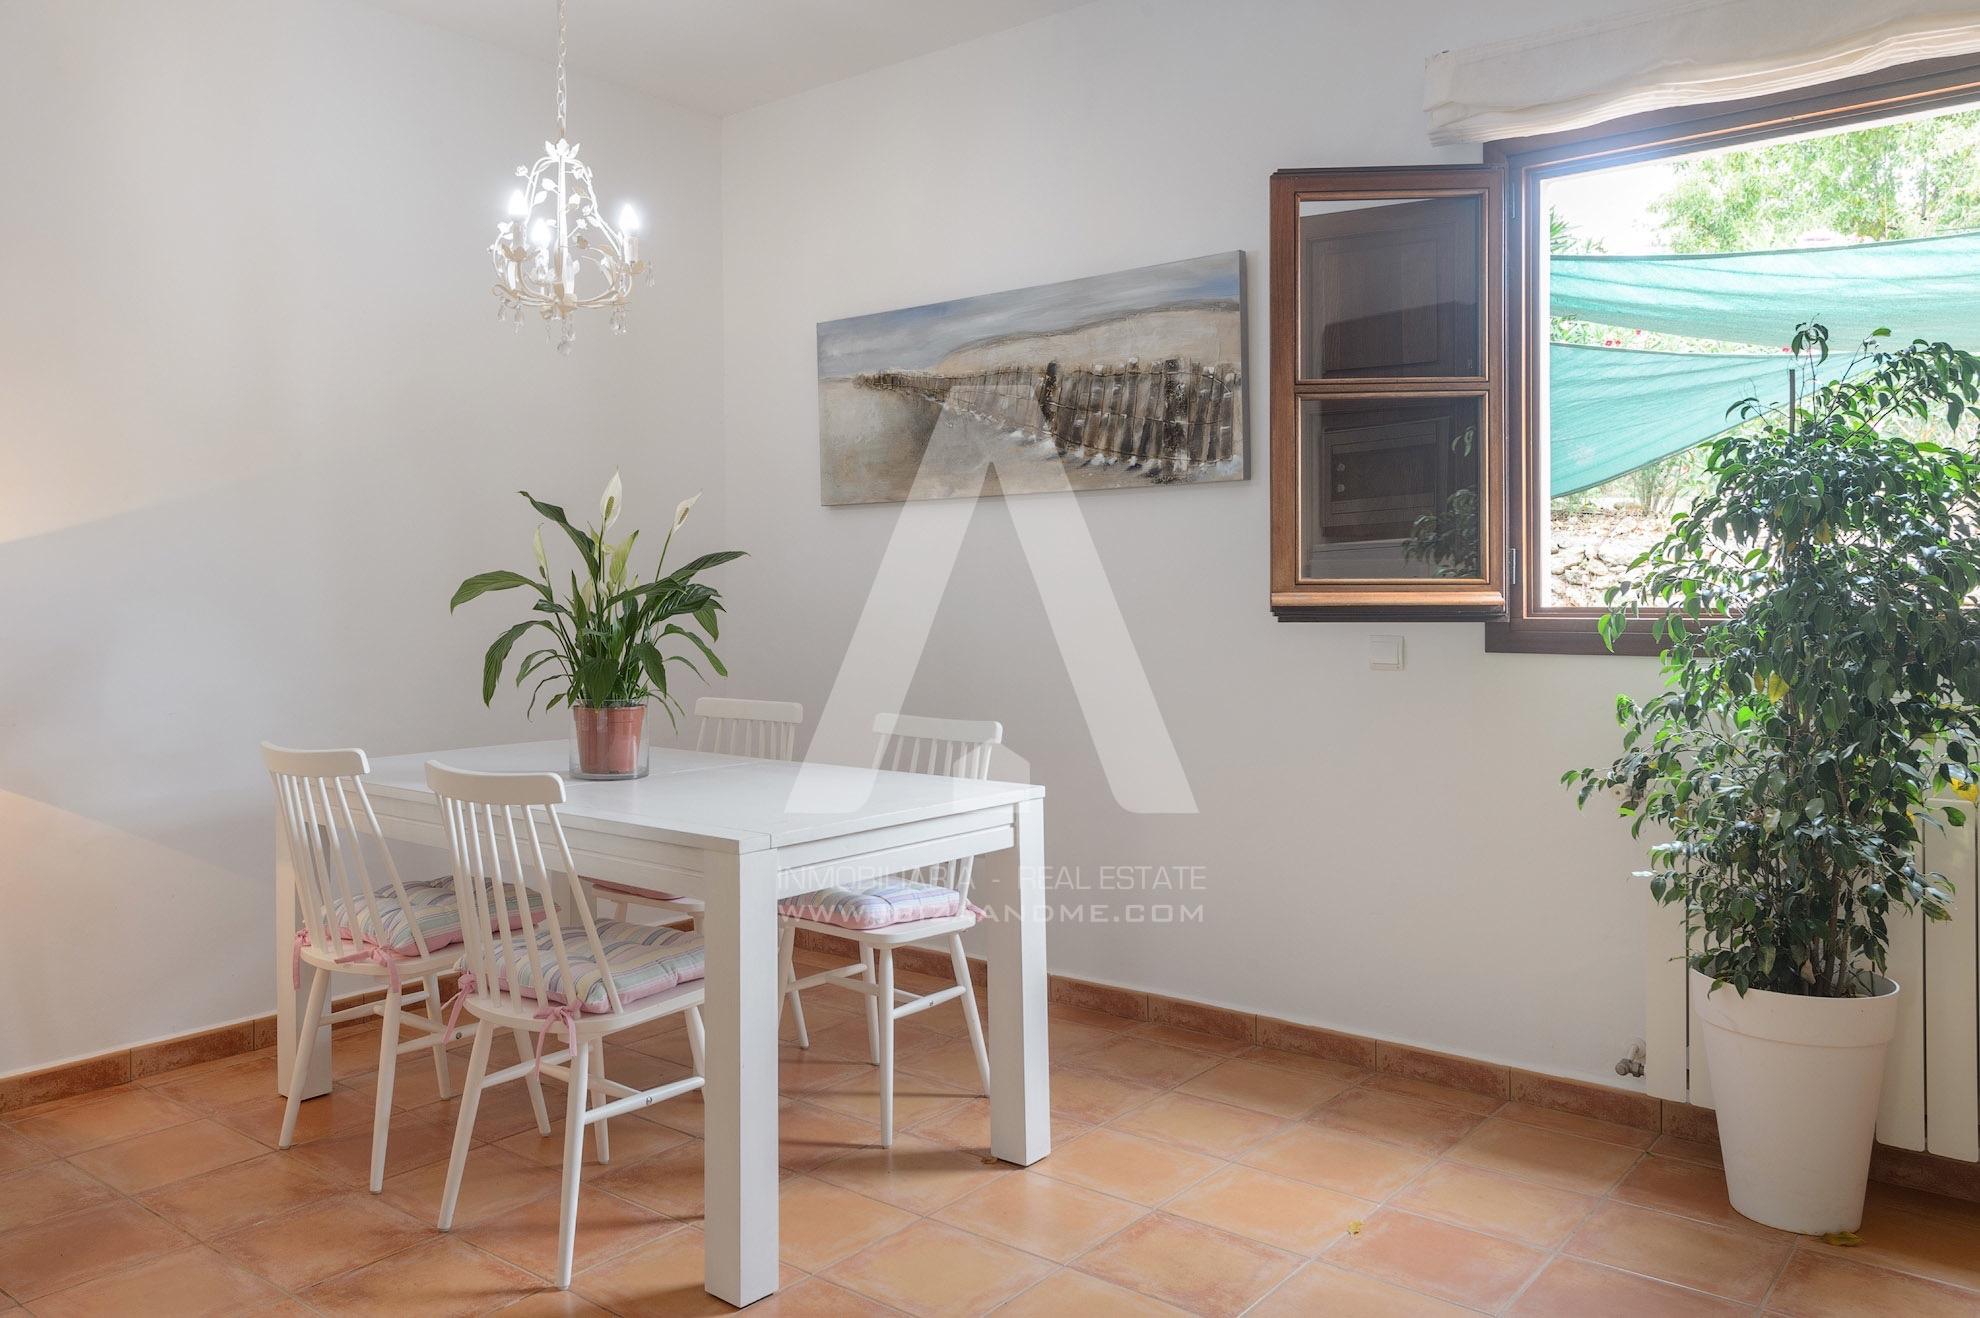 AGUA_Sa Vinya Interiores_029